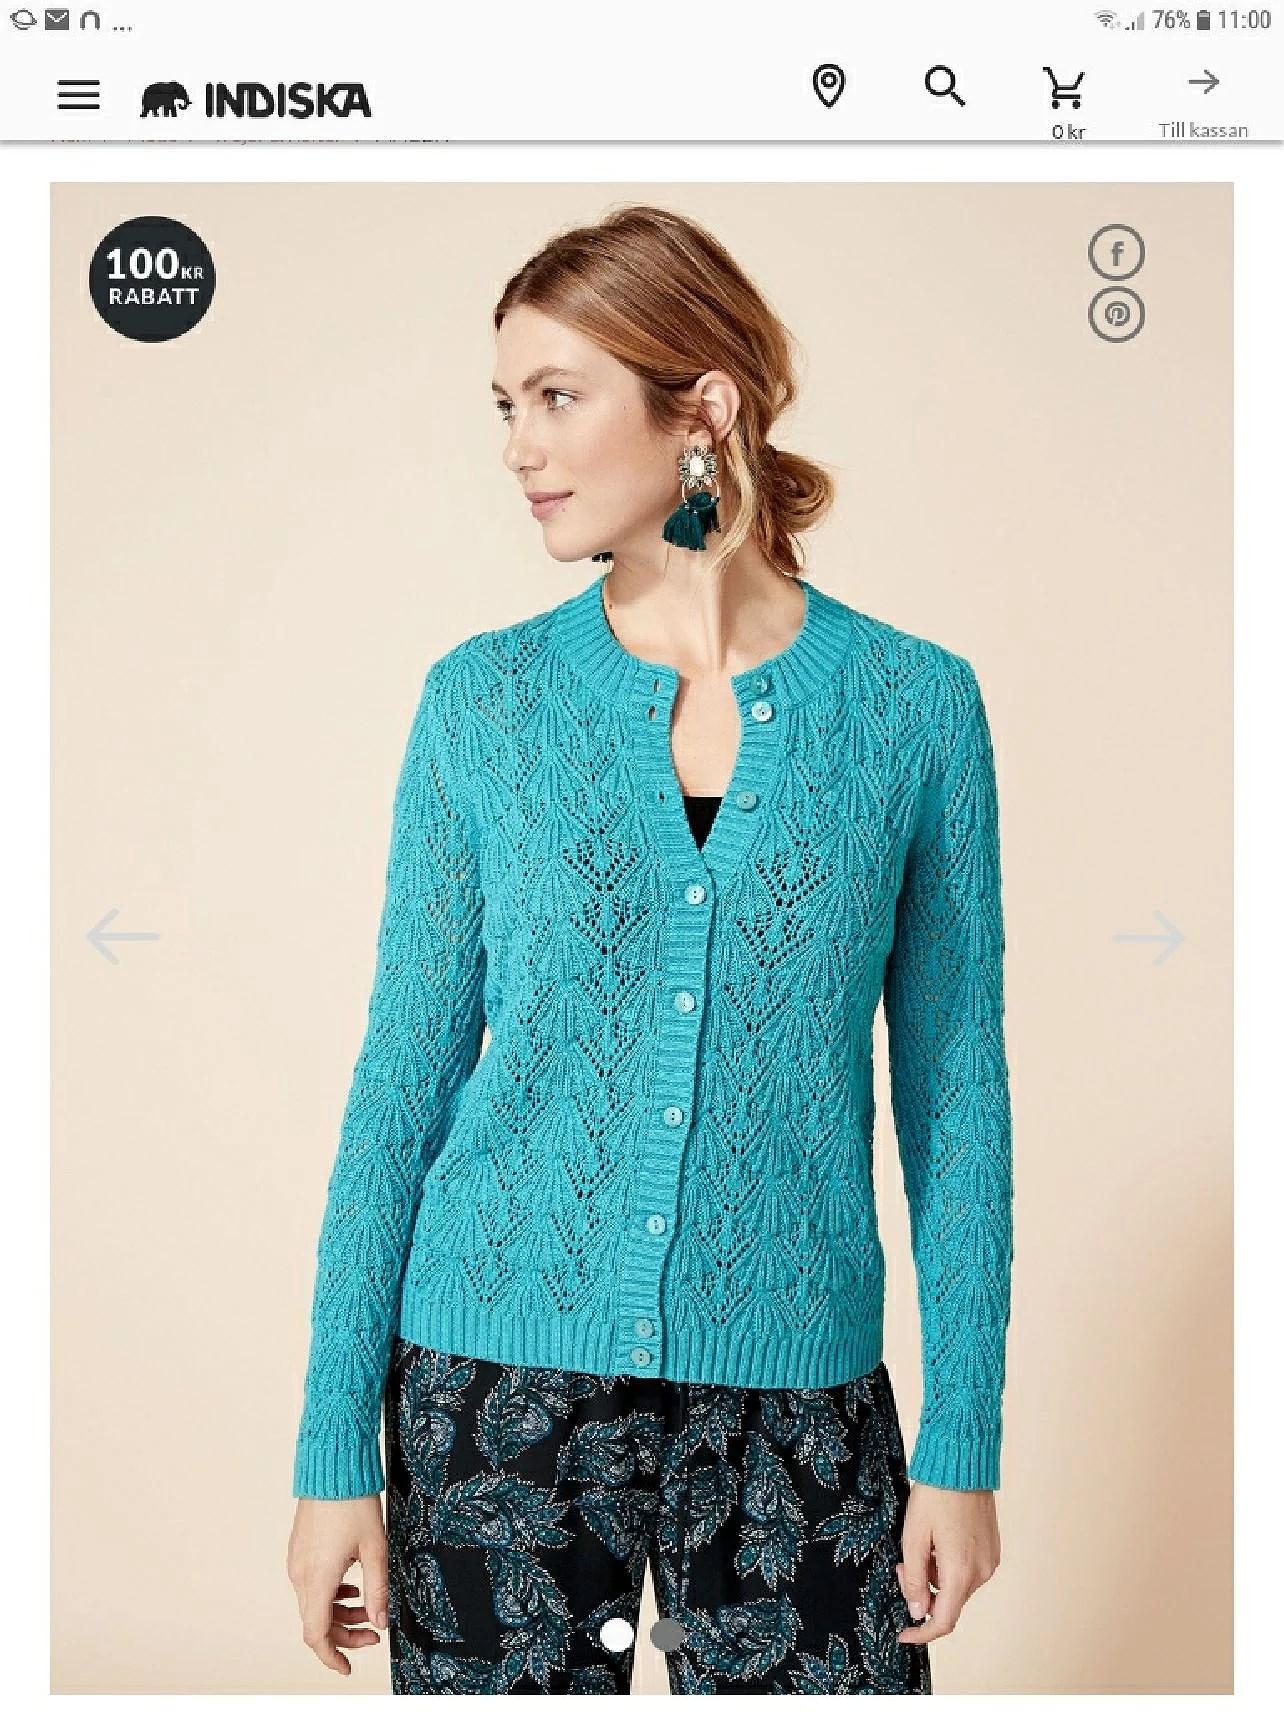 Indiska 100kr-300kr  rabatt på stickat mode